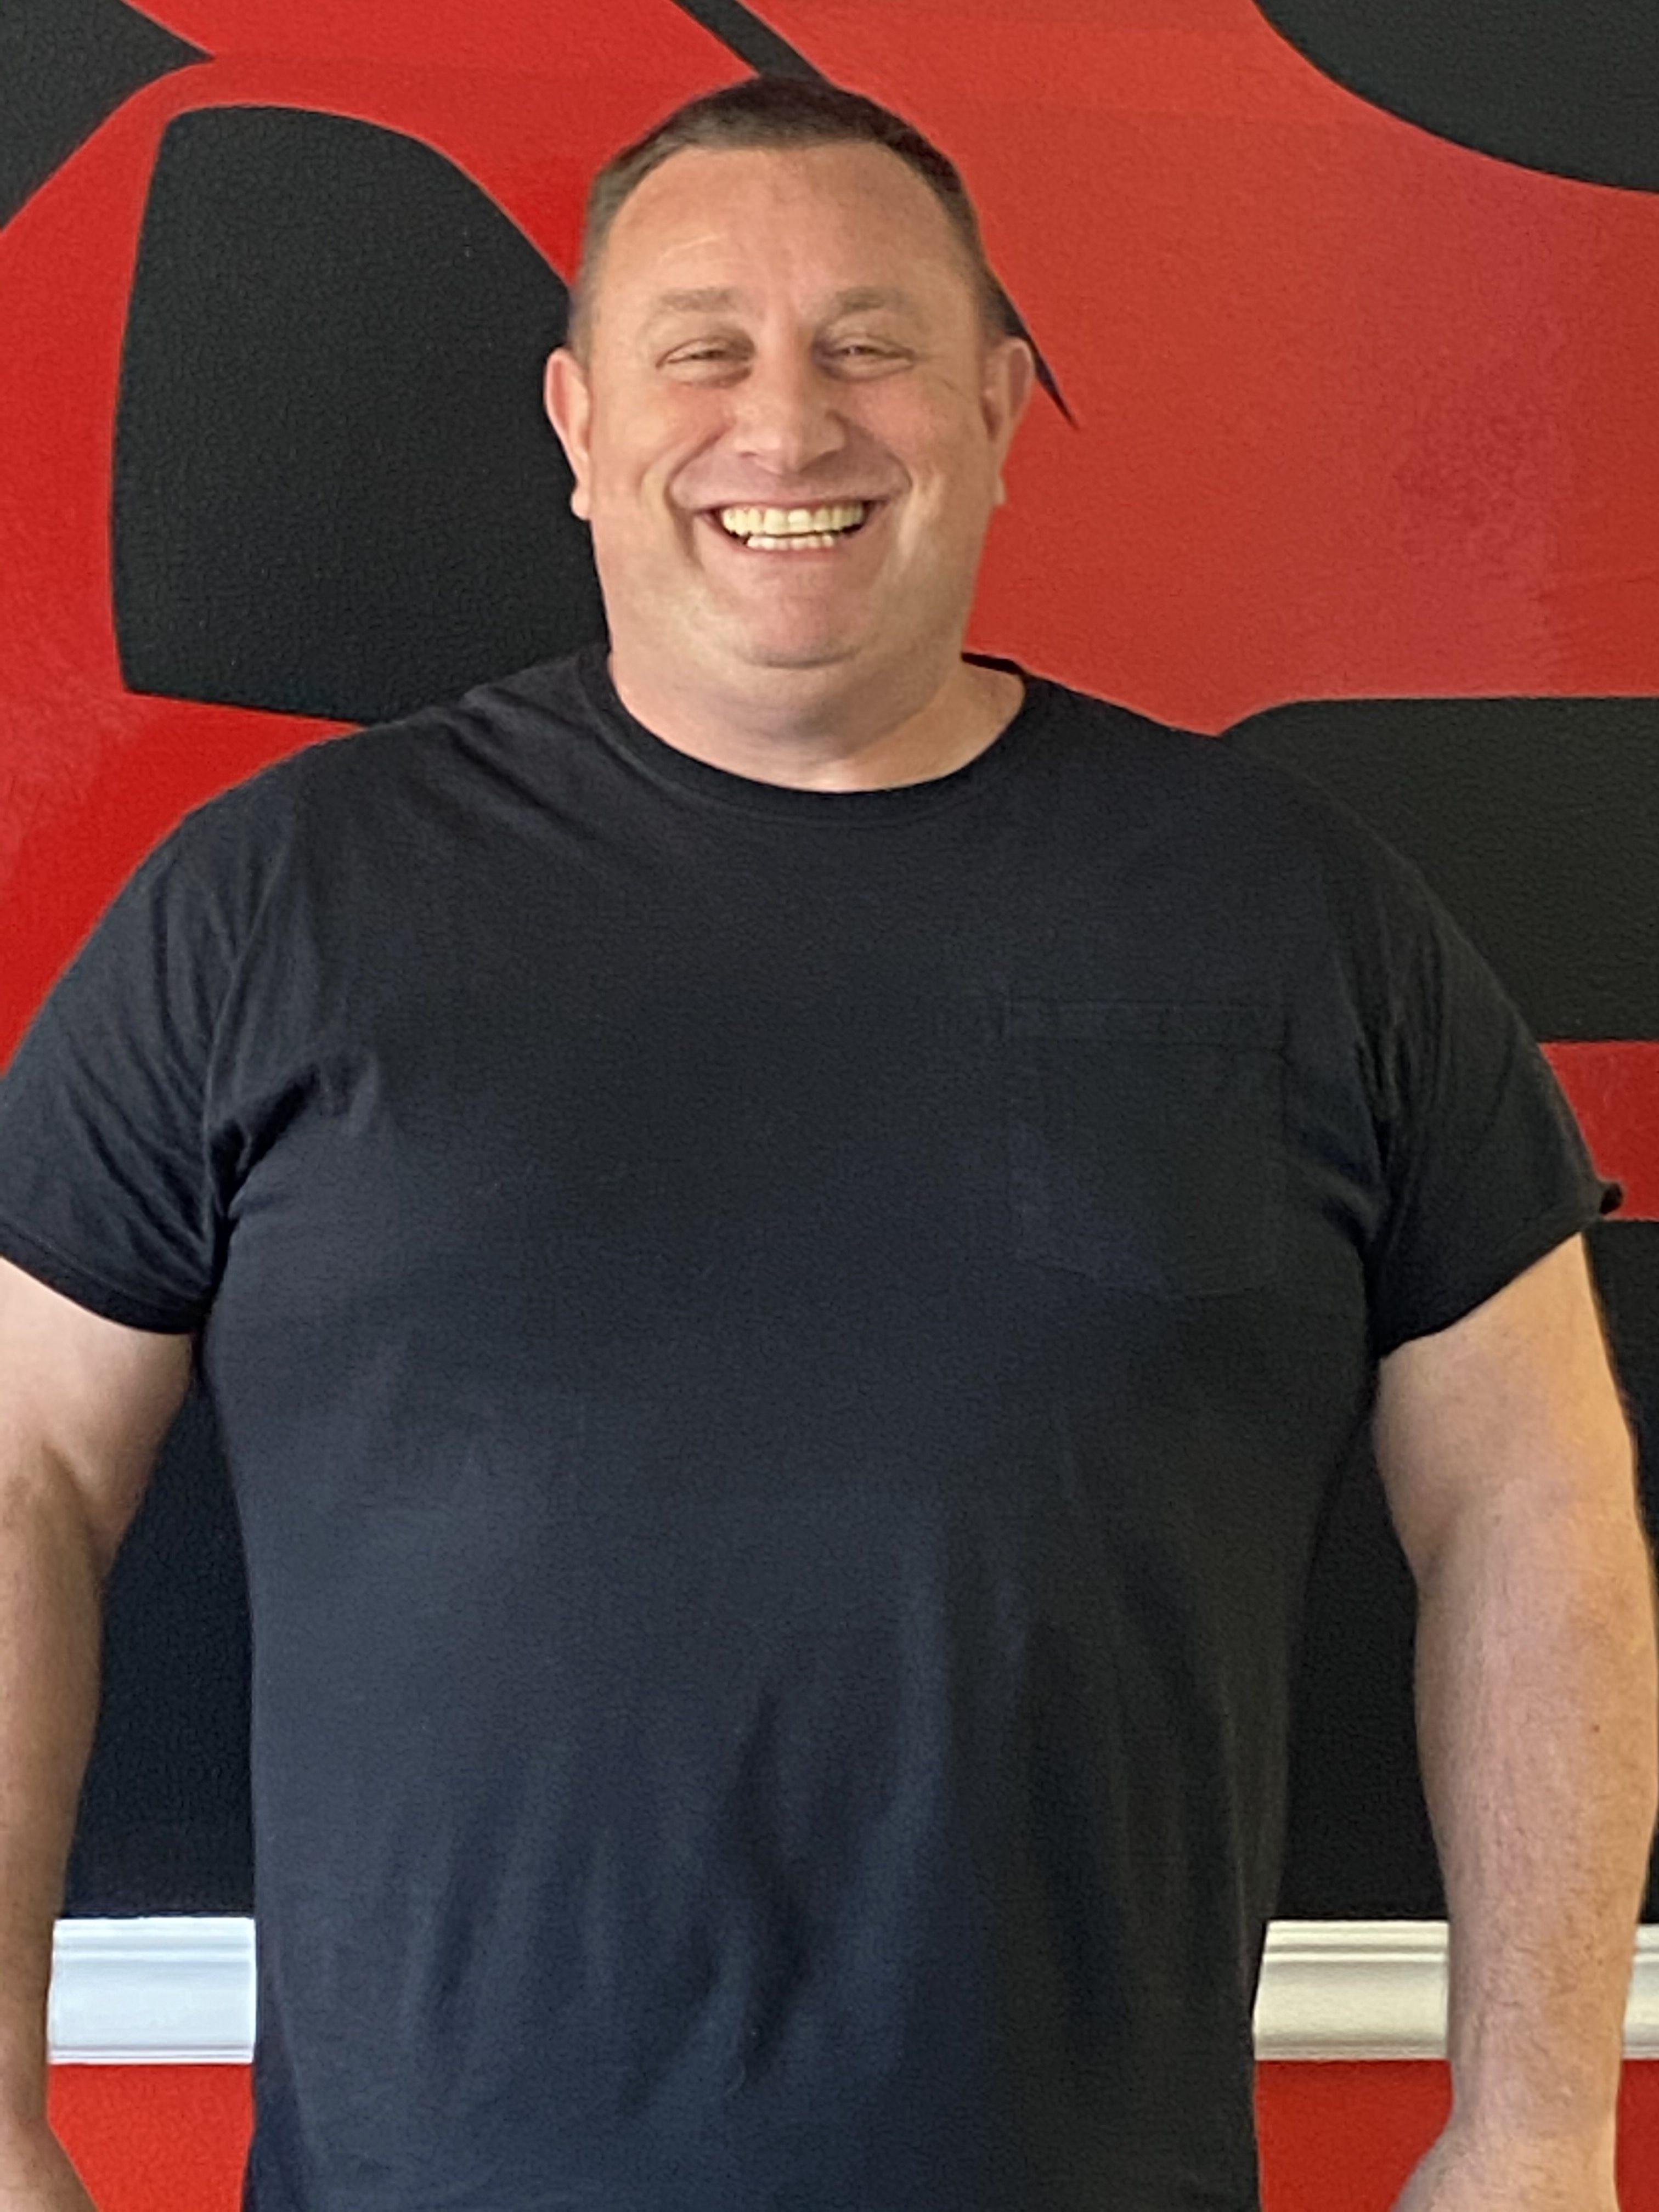 David Kosmerlj